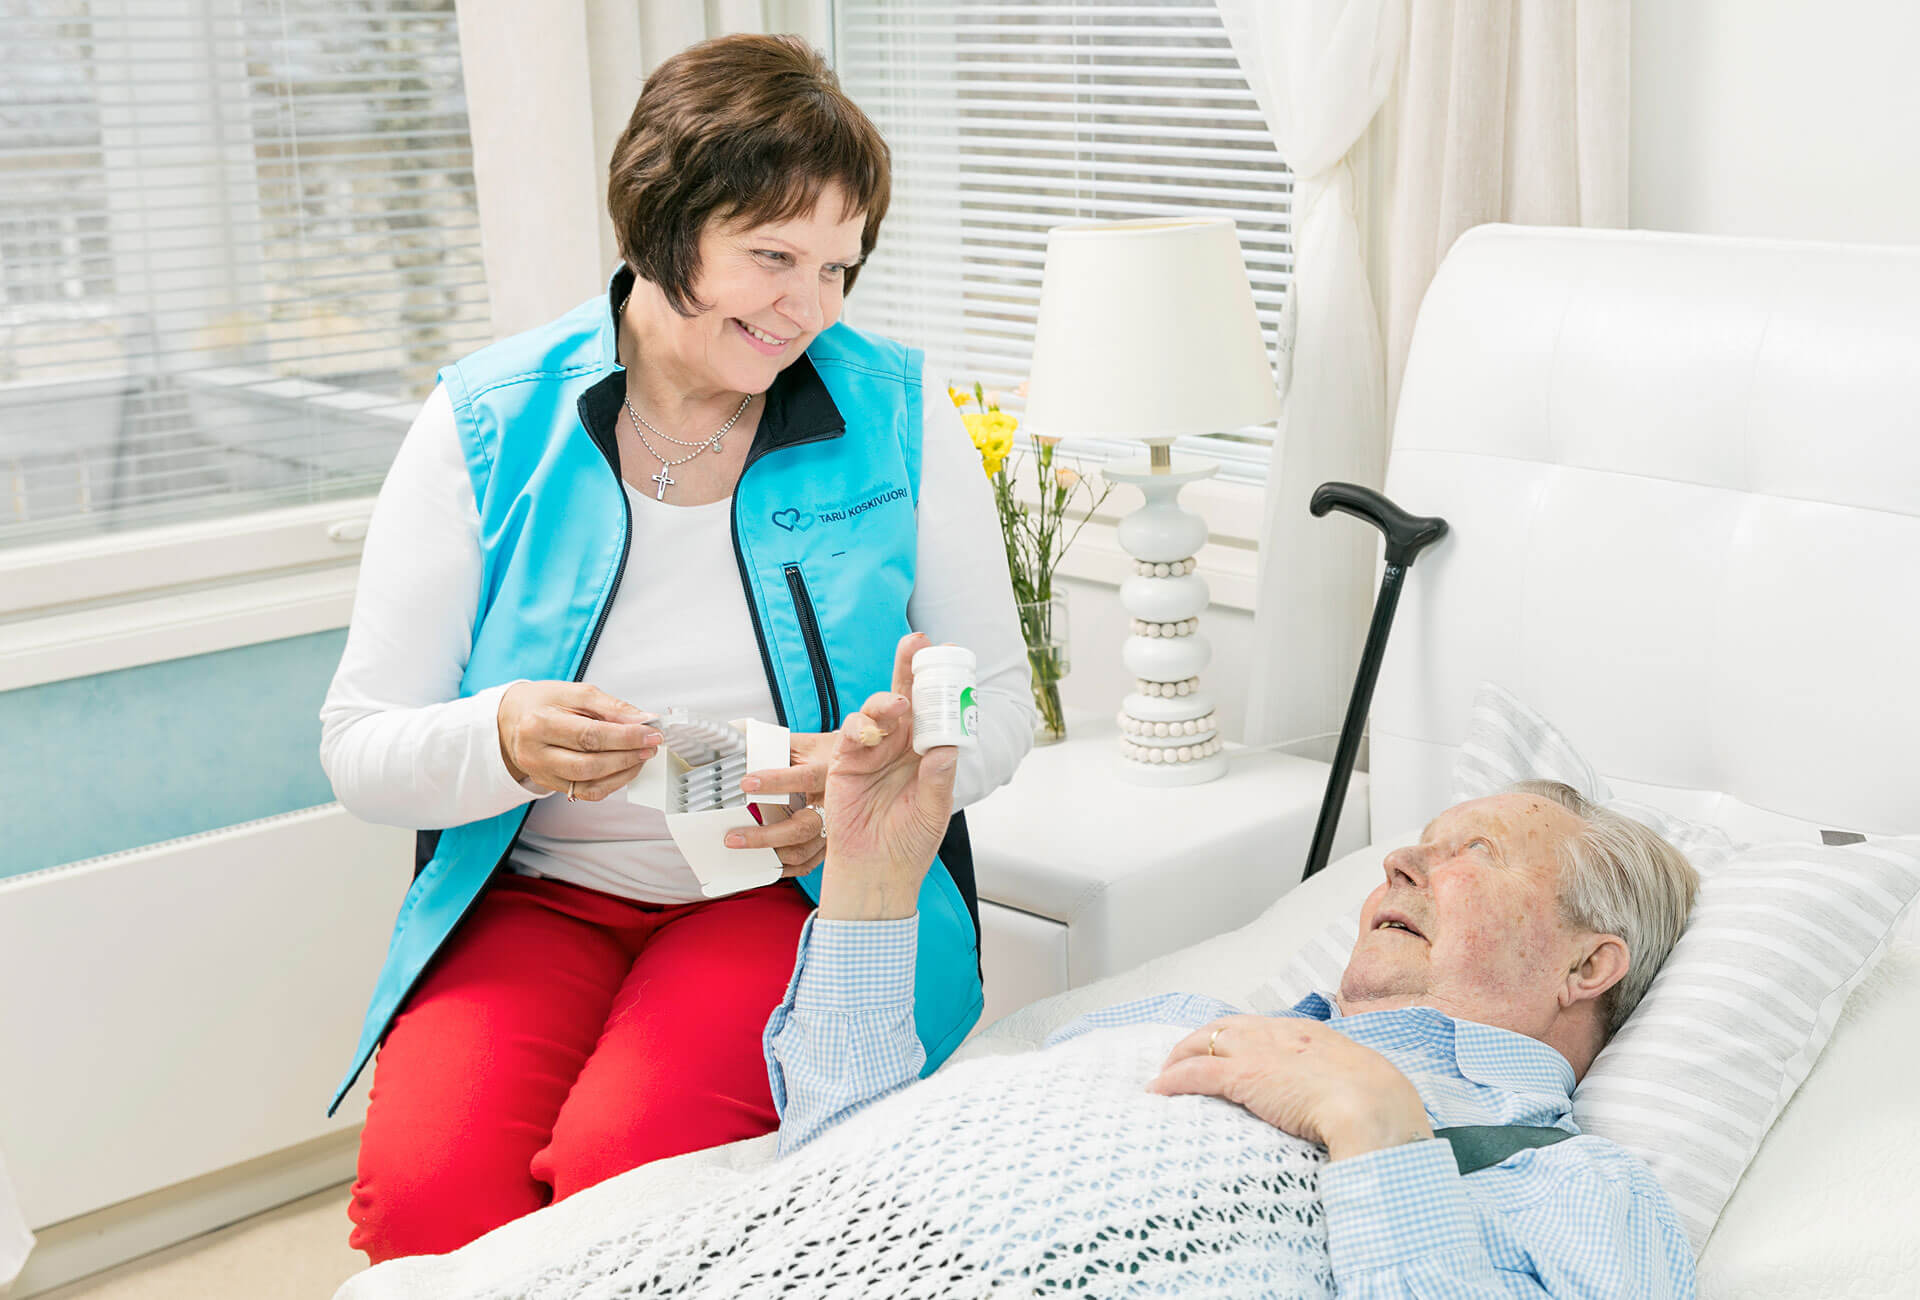 Hoitopalvelut - Hoito- ja hoivapalvelu Taru Koskivuori